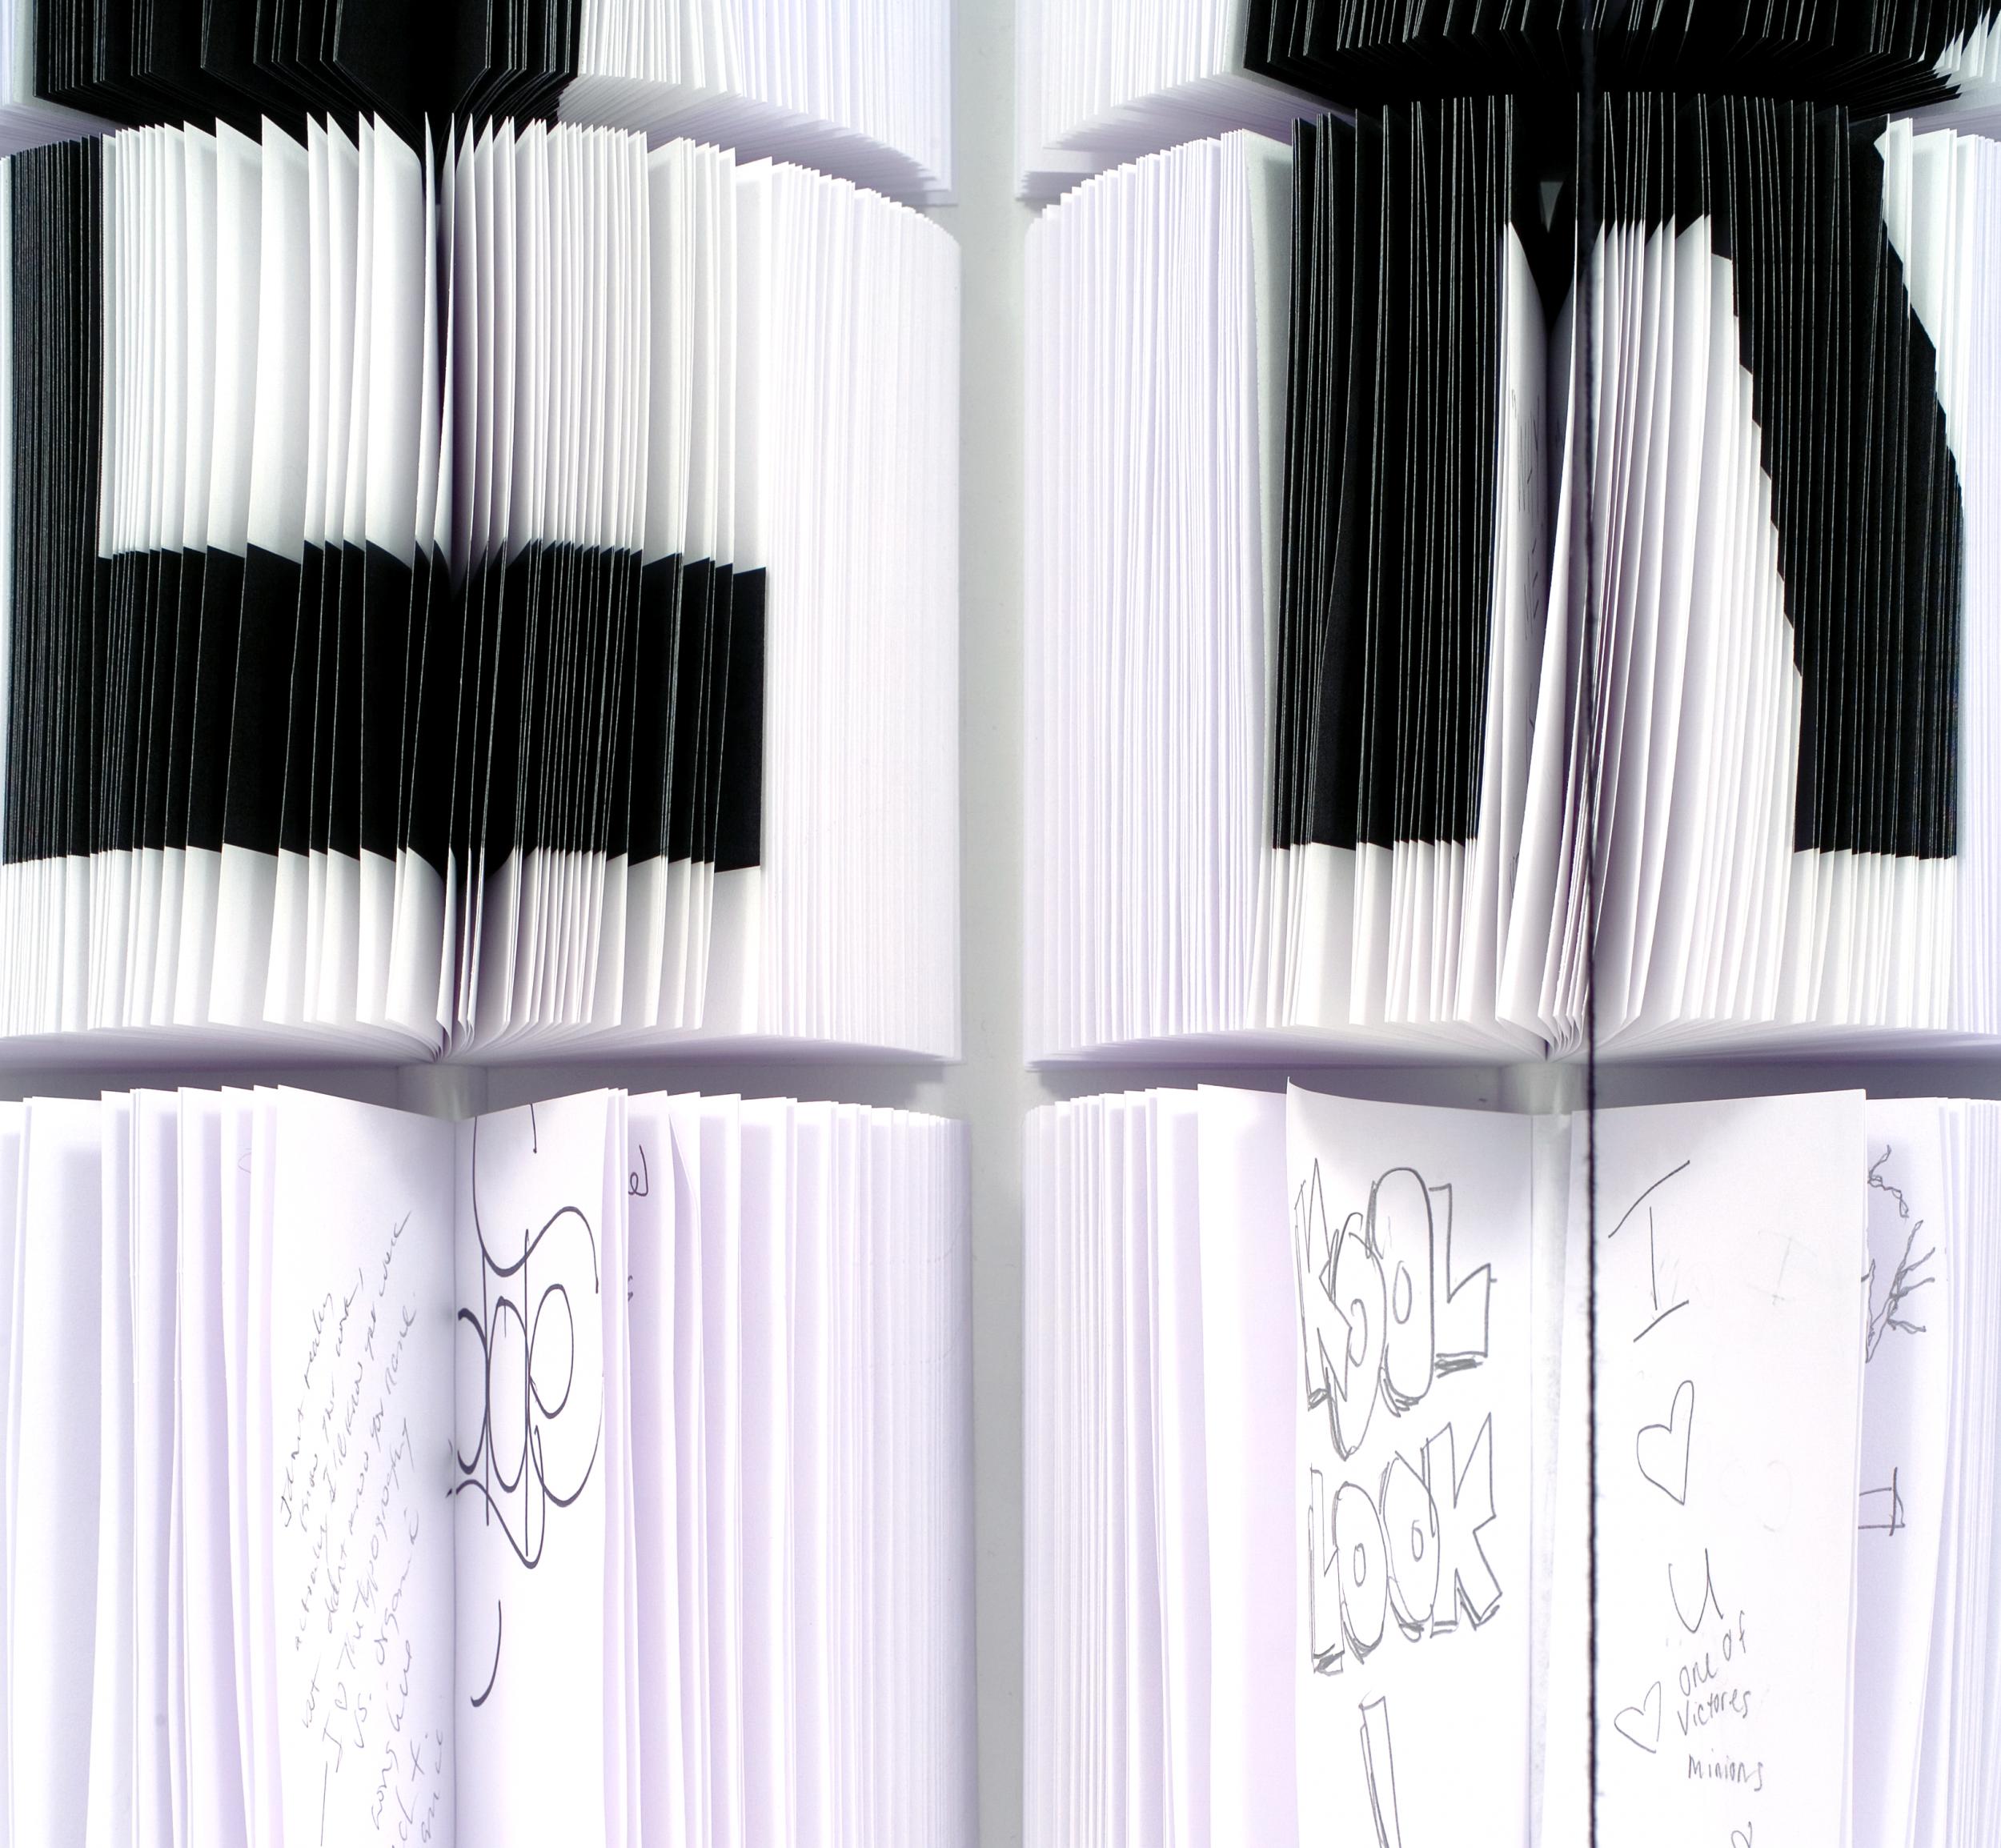 Deitch Notebooks